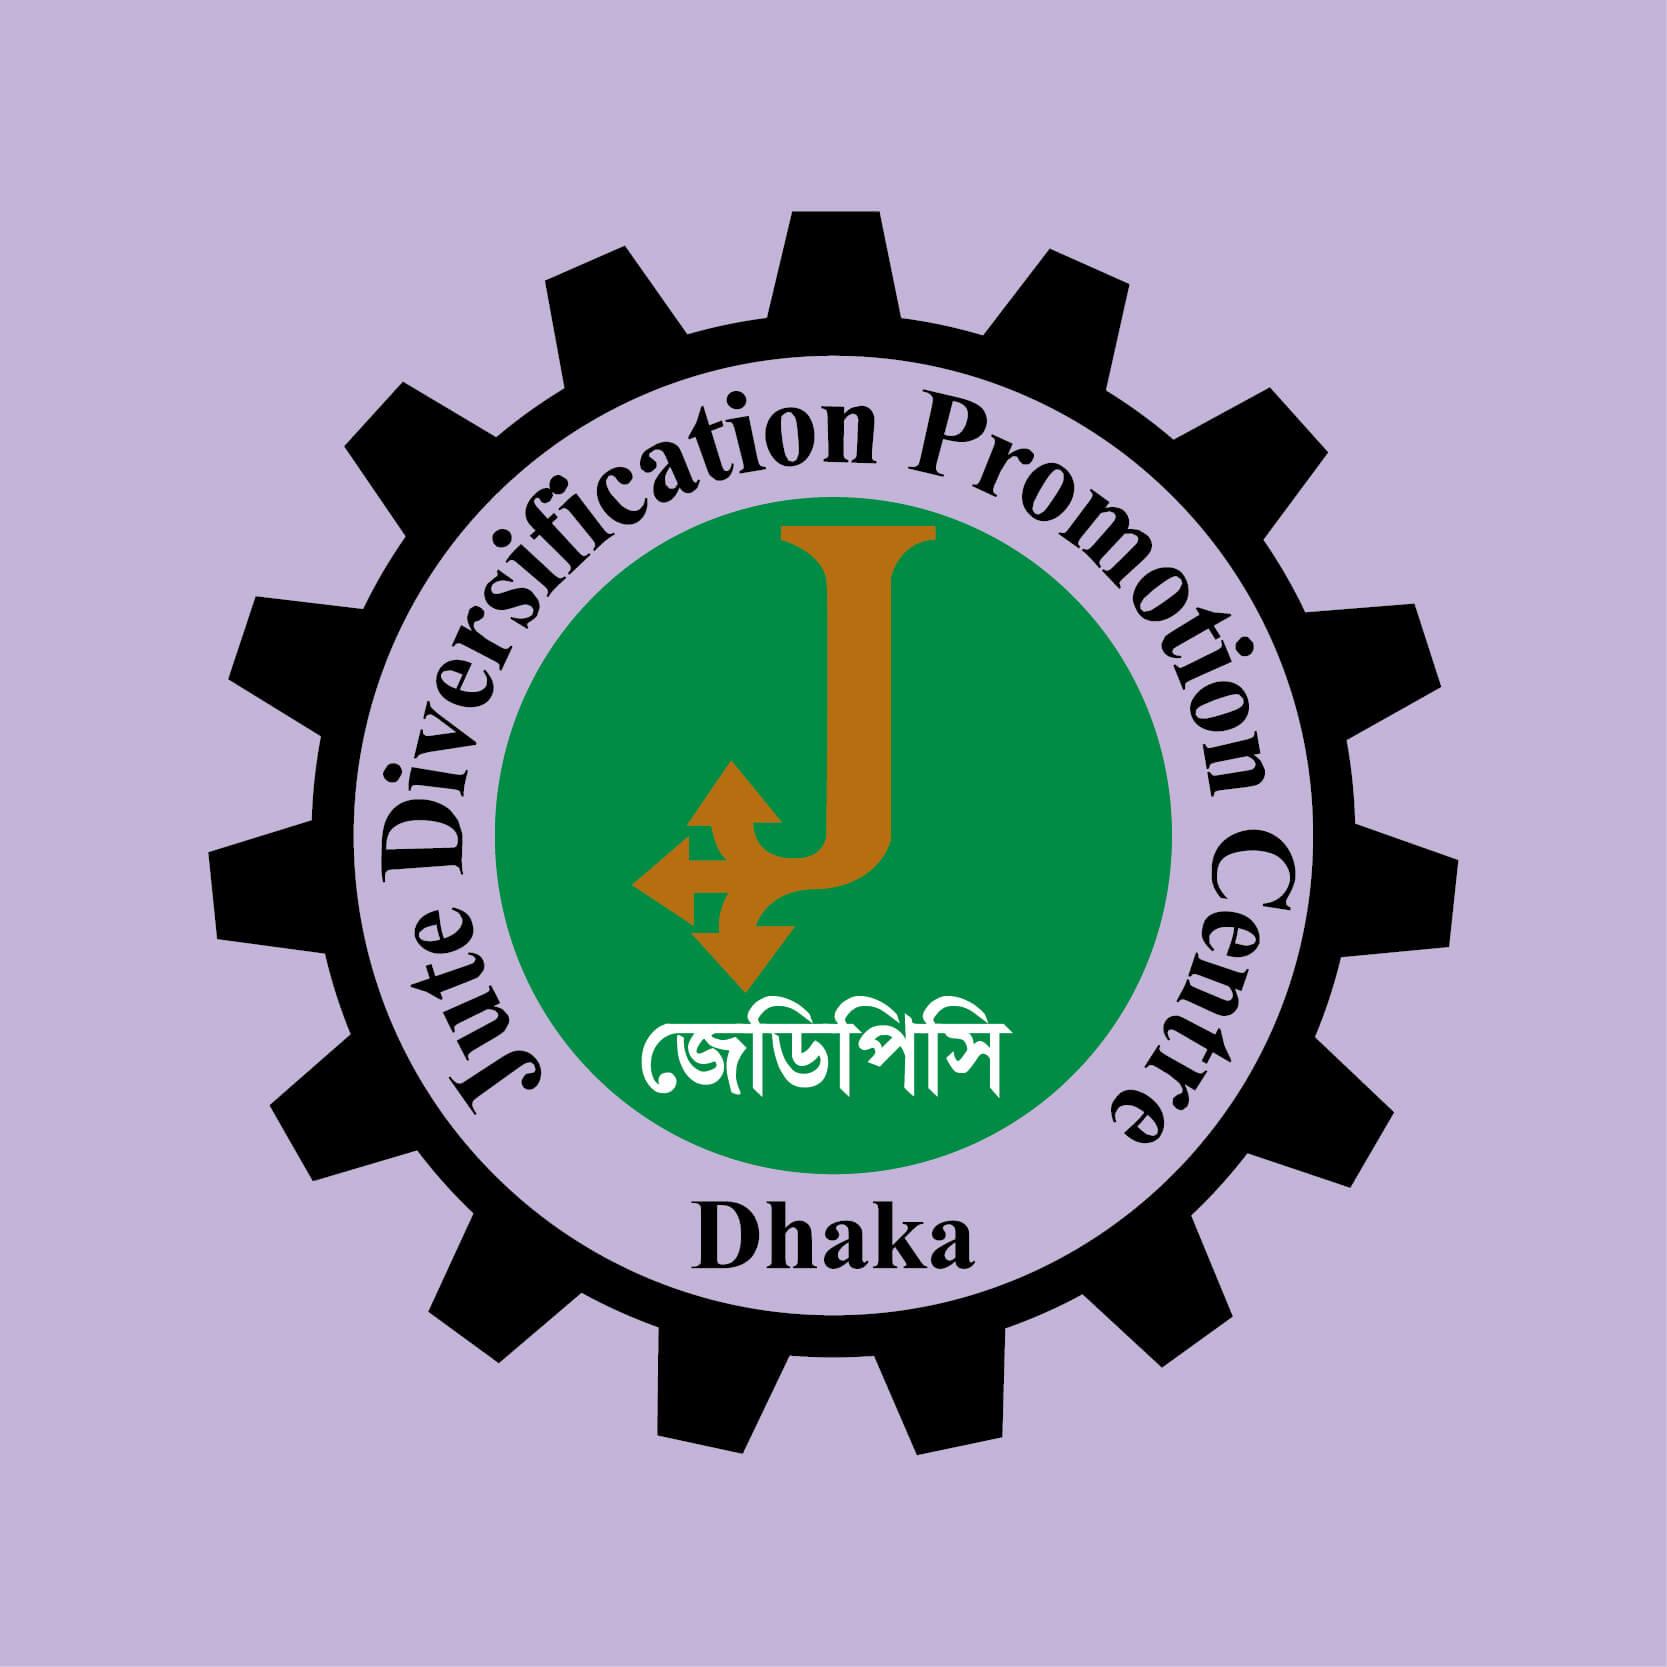 DTC-Clients-Served-Logo-JDPC